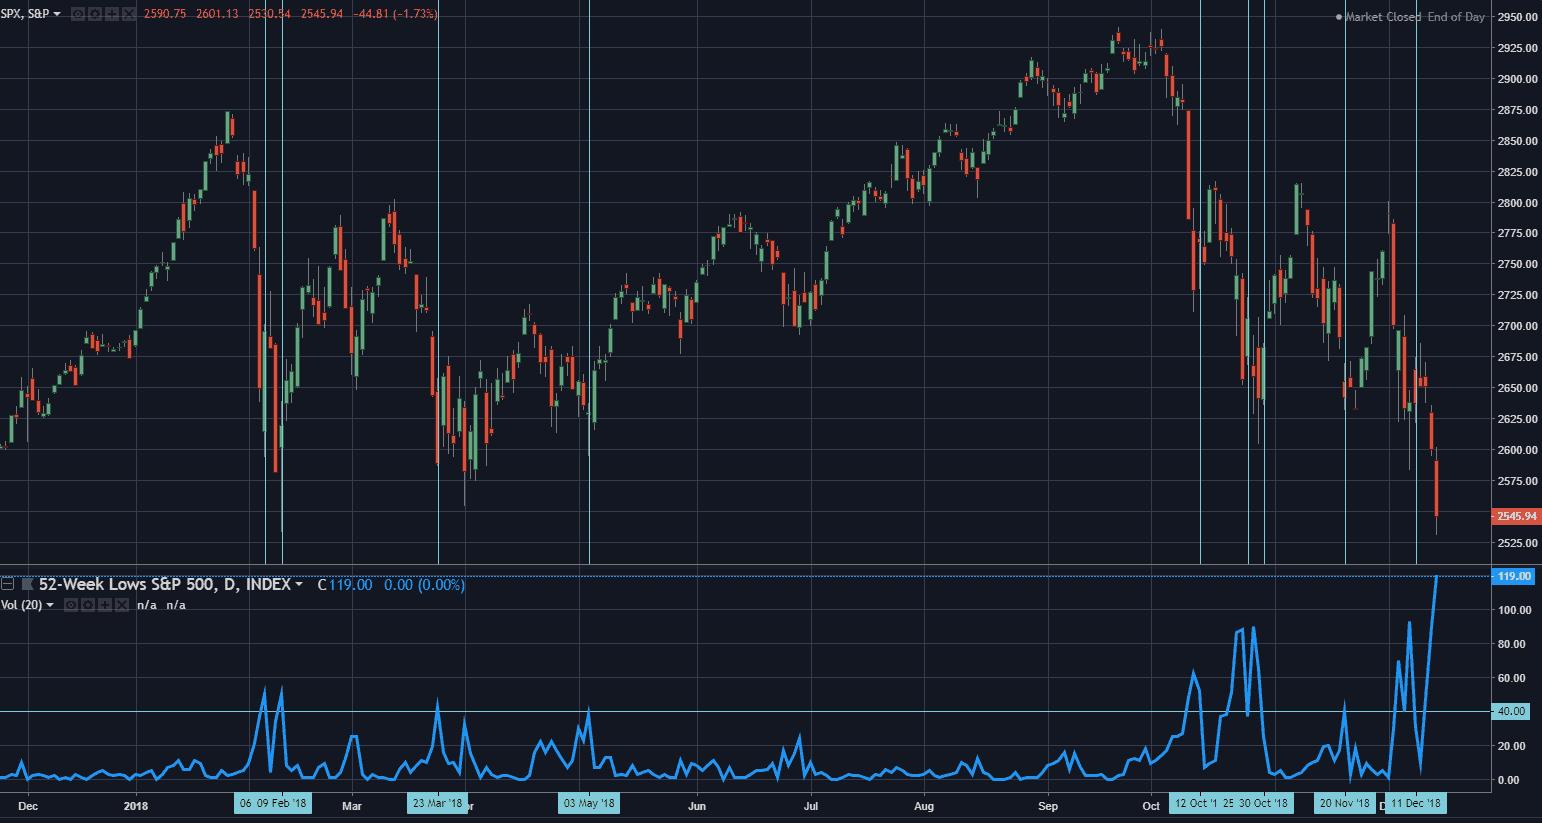 S&P500 52-week Low